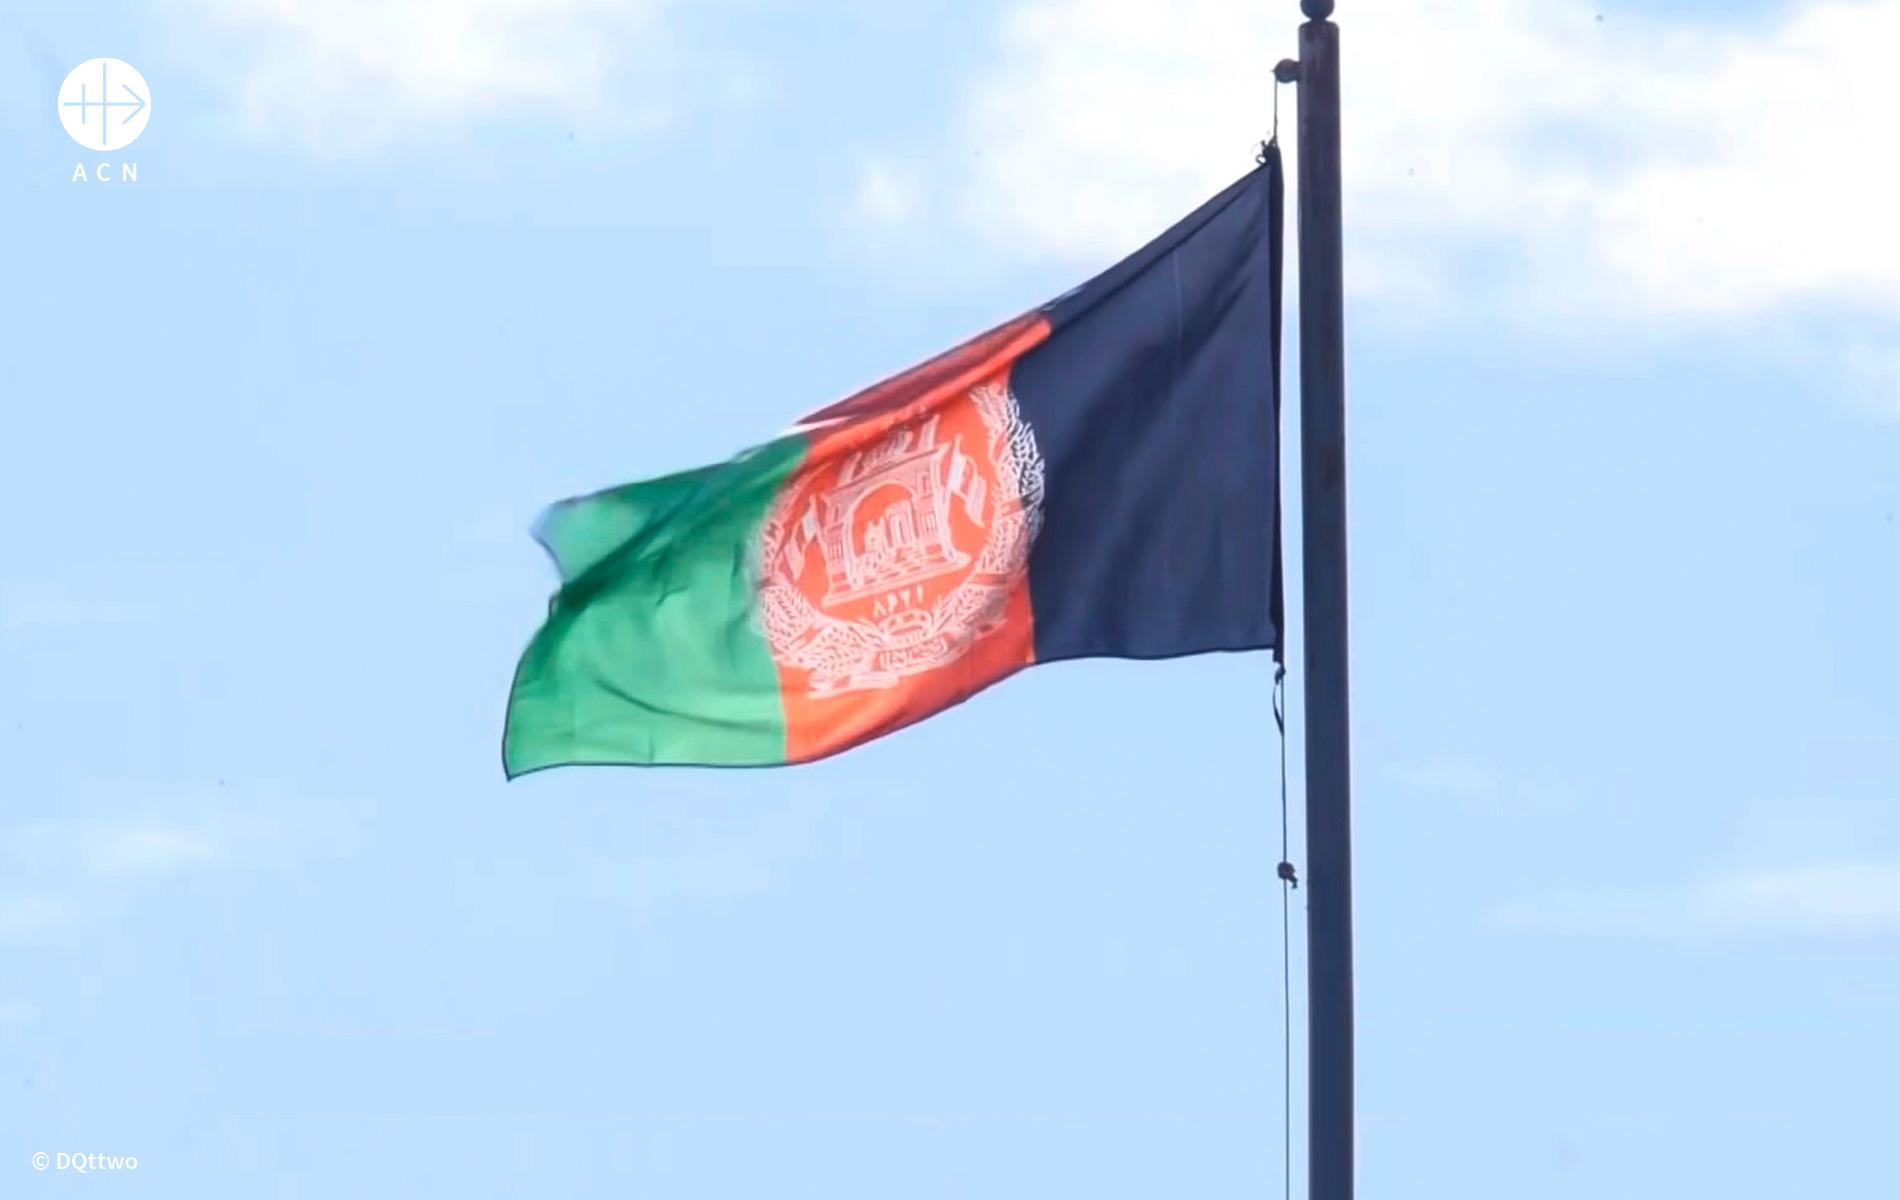 Foto da bandeira do Afeganist]ao